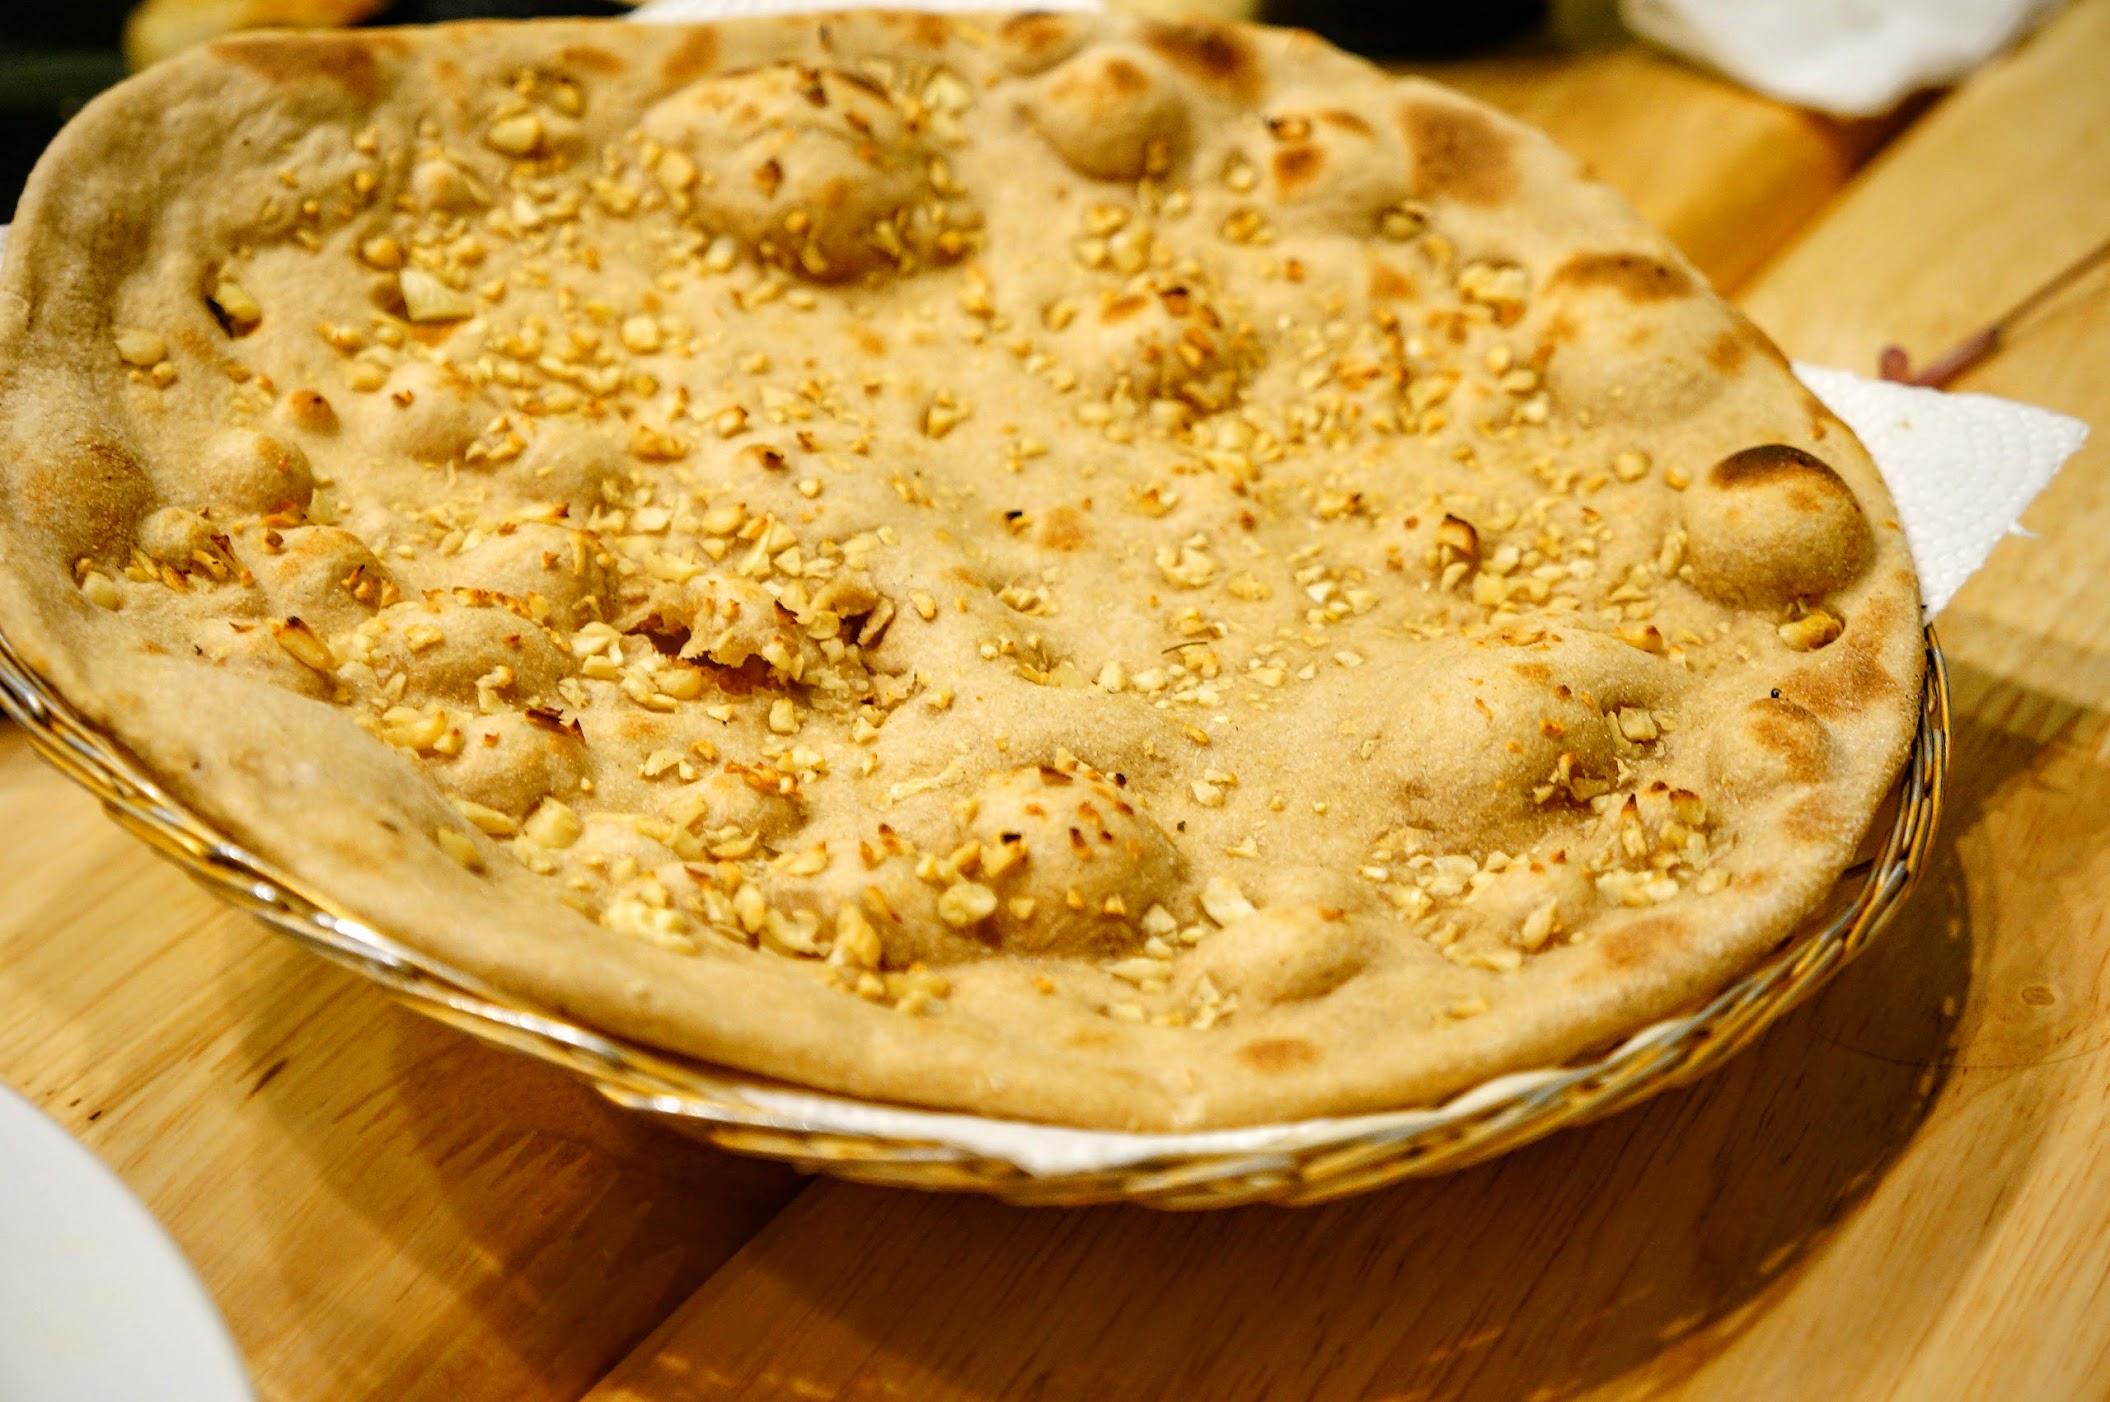 蒜味印度烤餅,很酥脆,也有蒜香味道....